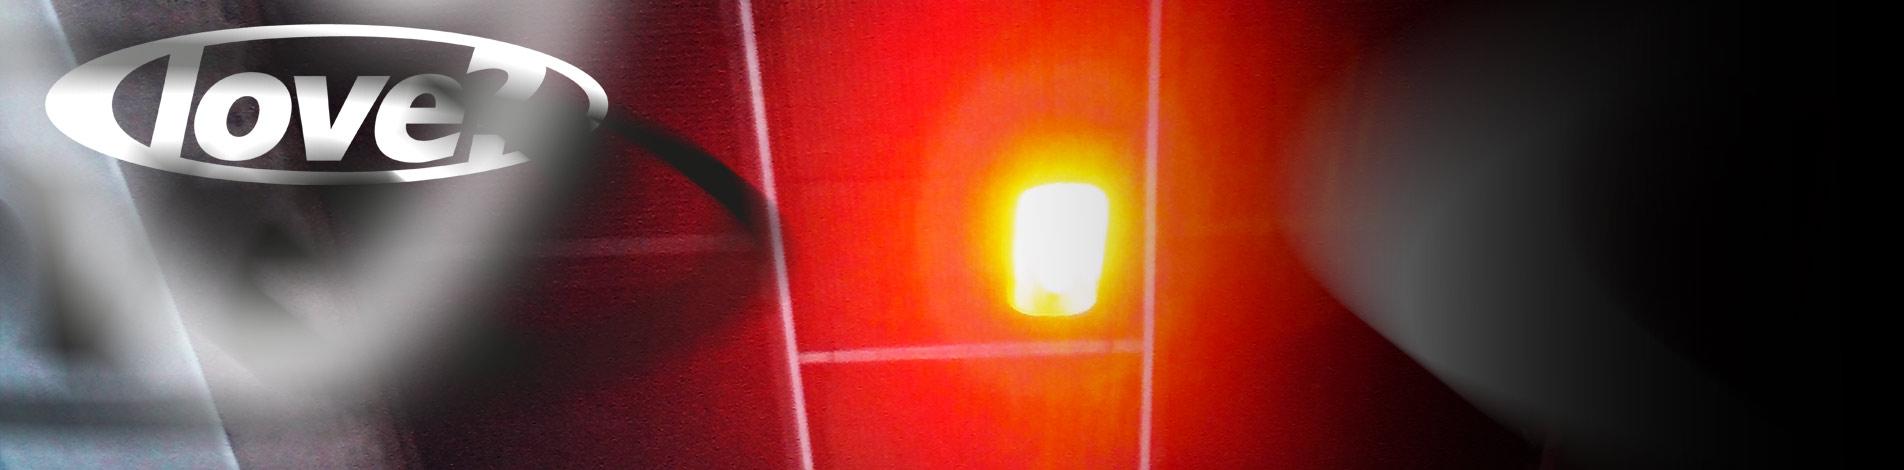 Slider-Licht2